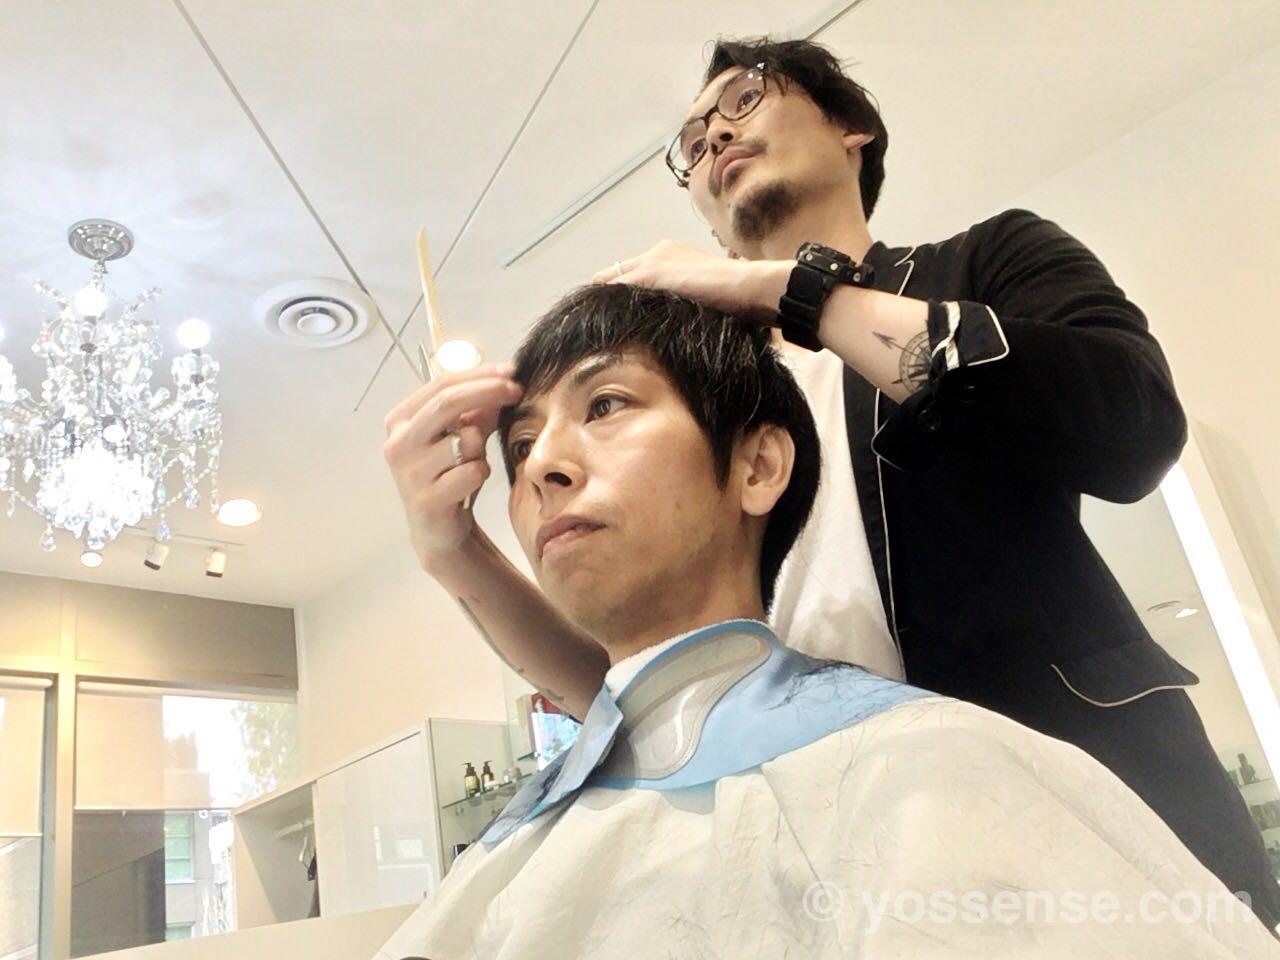 日本の美容師さんは下積みが長い!?